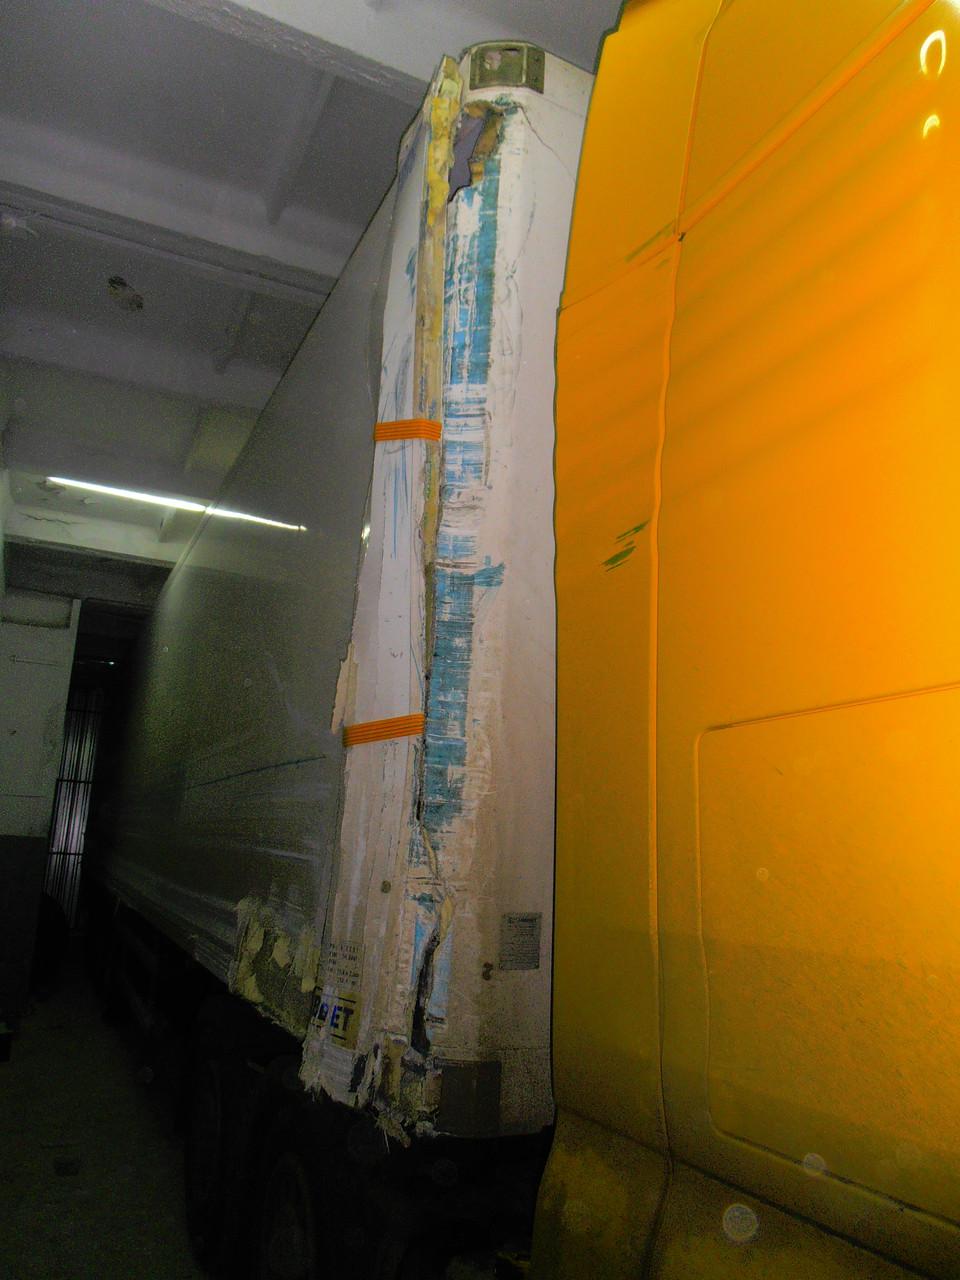 Ремонт фургонов после ДТП - Сервисная станция РЕФ-СЕРВИС Днепропетровск в Днепре